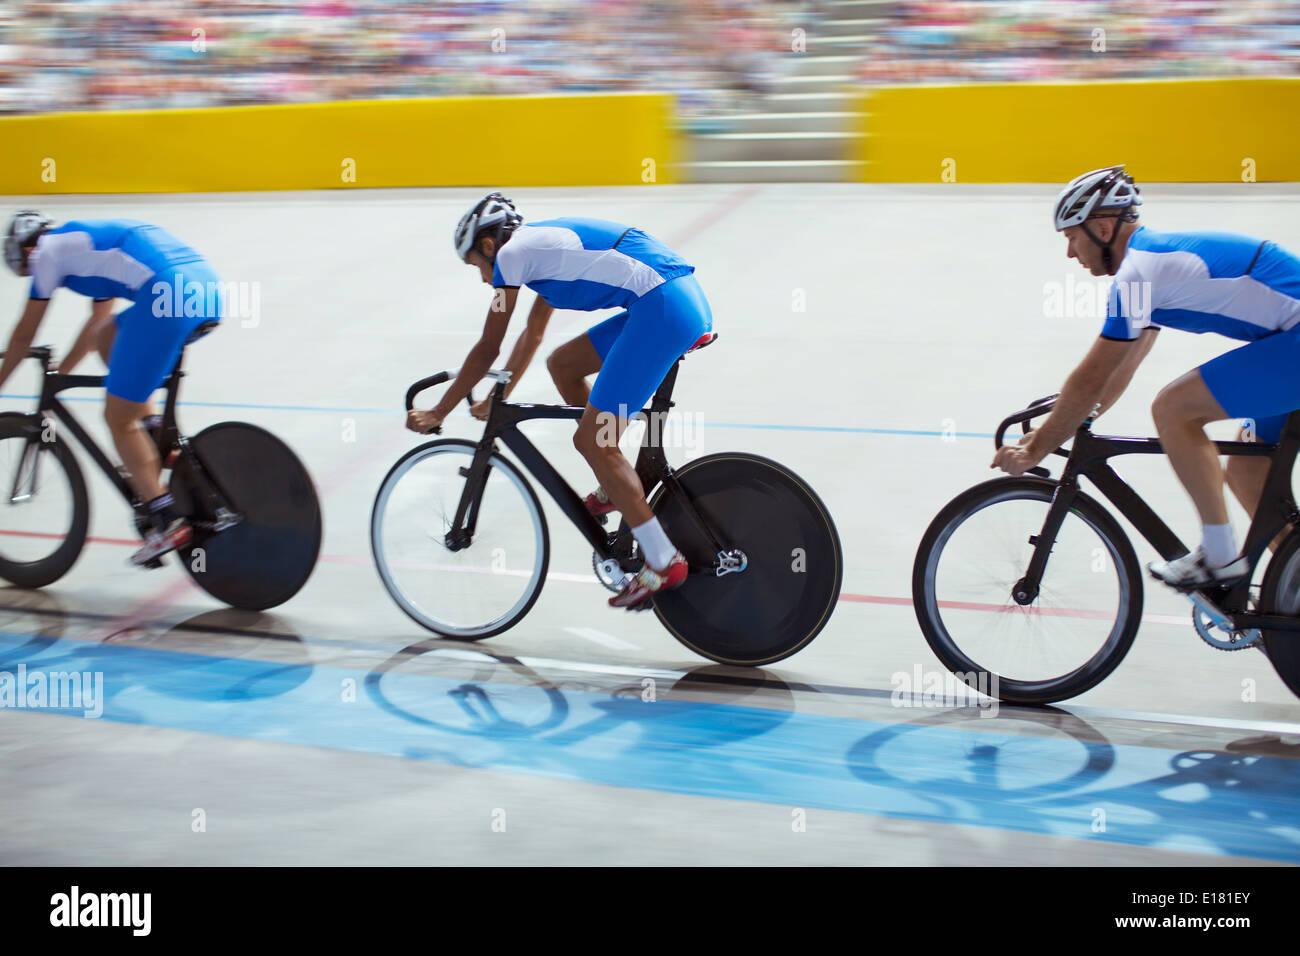 Equipo de ciclismo en pista en el velódromo de equitación Imagen De Stock